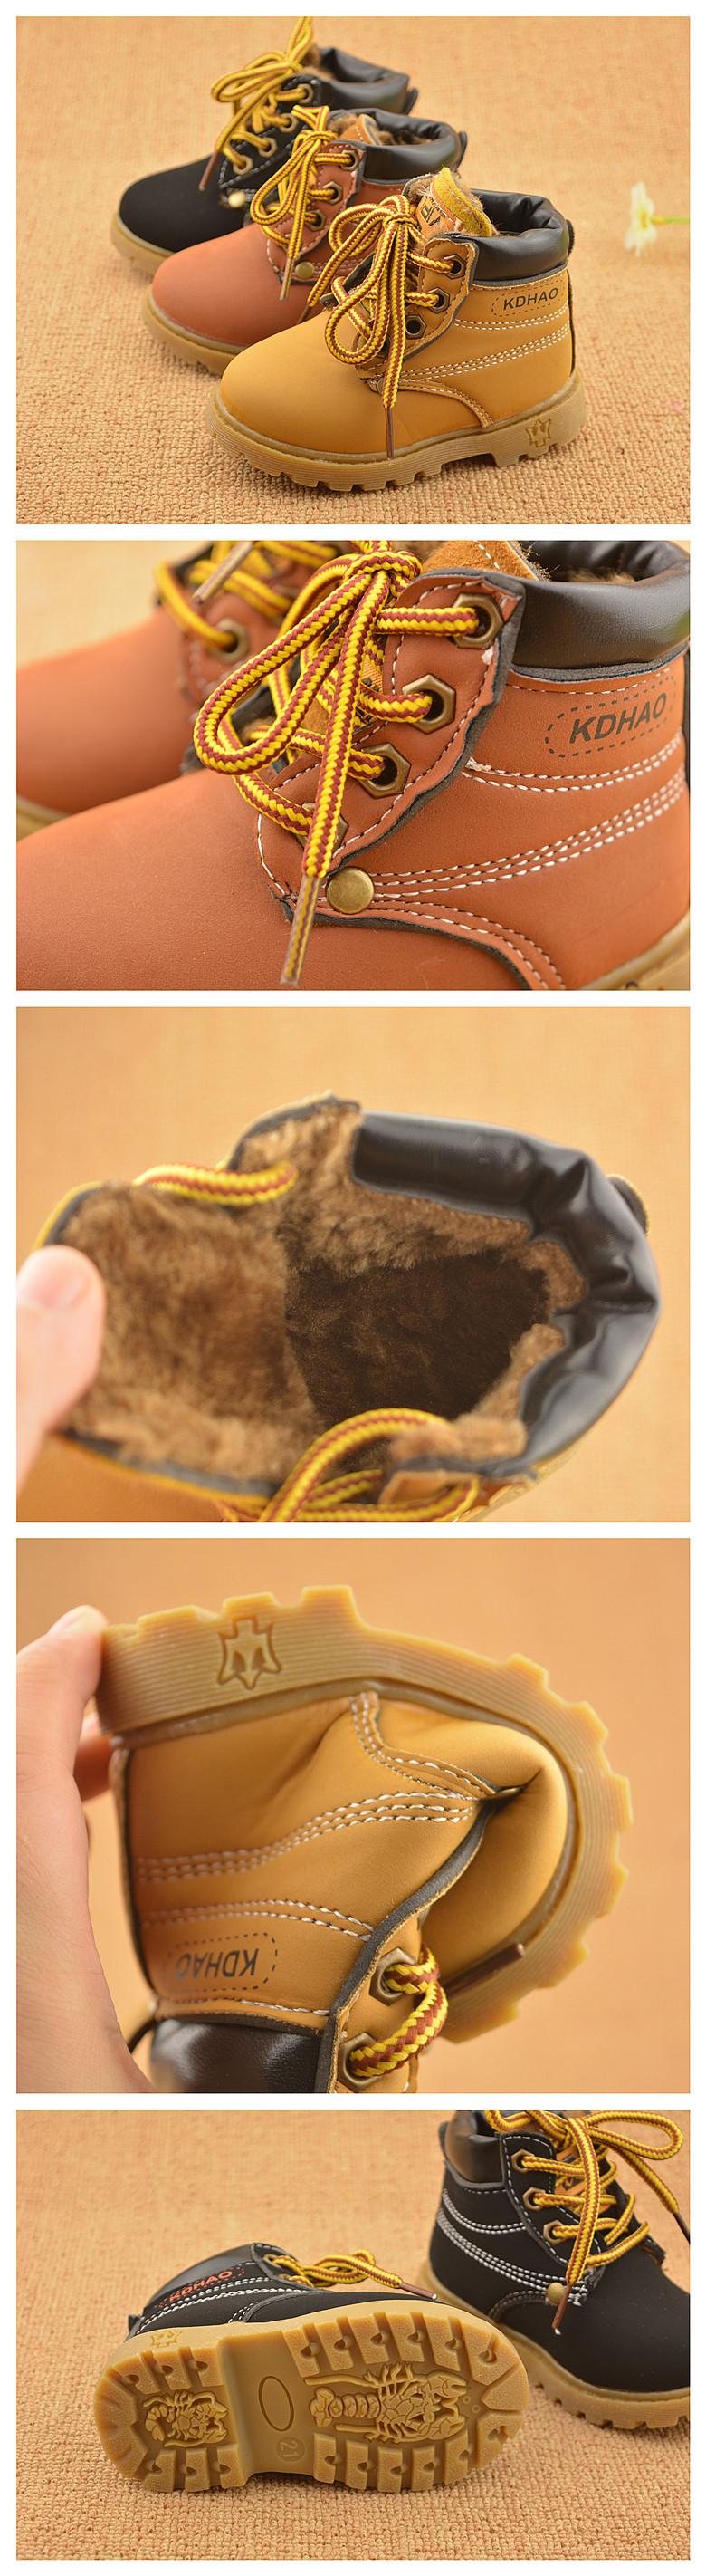 Зима мода ребенок кожаные ботинки снега для девочек мальчики сгустите теплый мартин сапоги обувь свободного покроя плюшевые детей малыш обуви